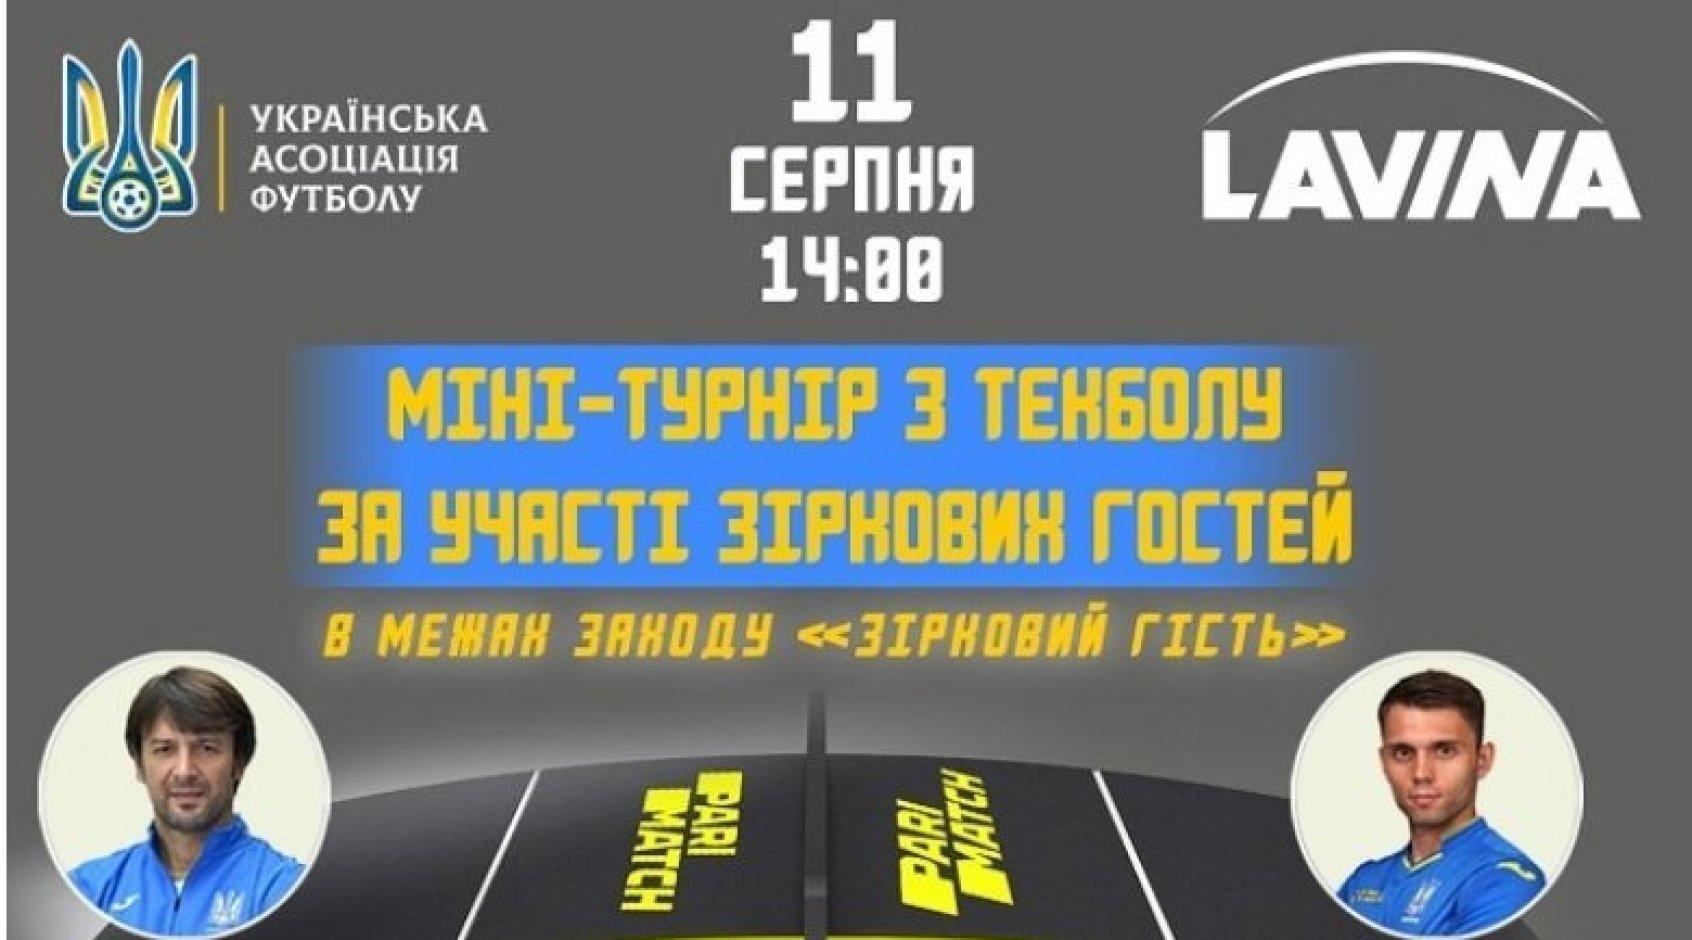 В Lavina Mall відбудеться турнір з текболу за участі Шовковського та Караваєва